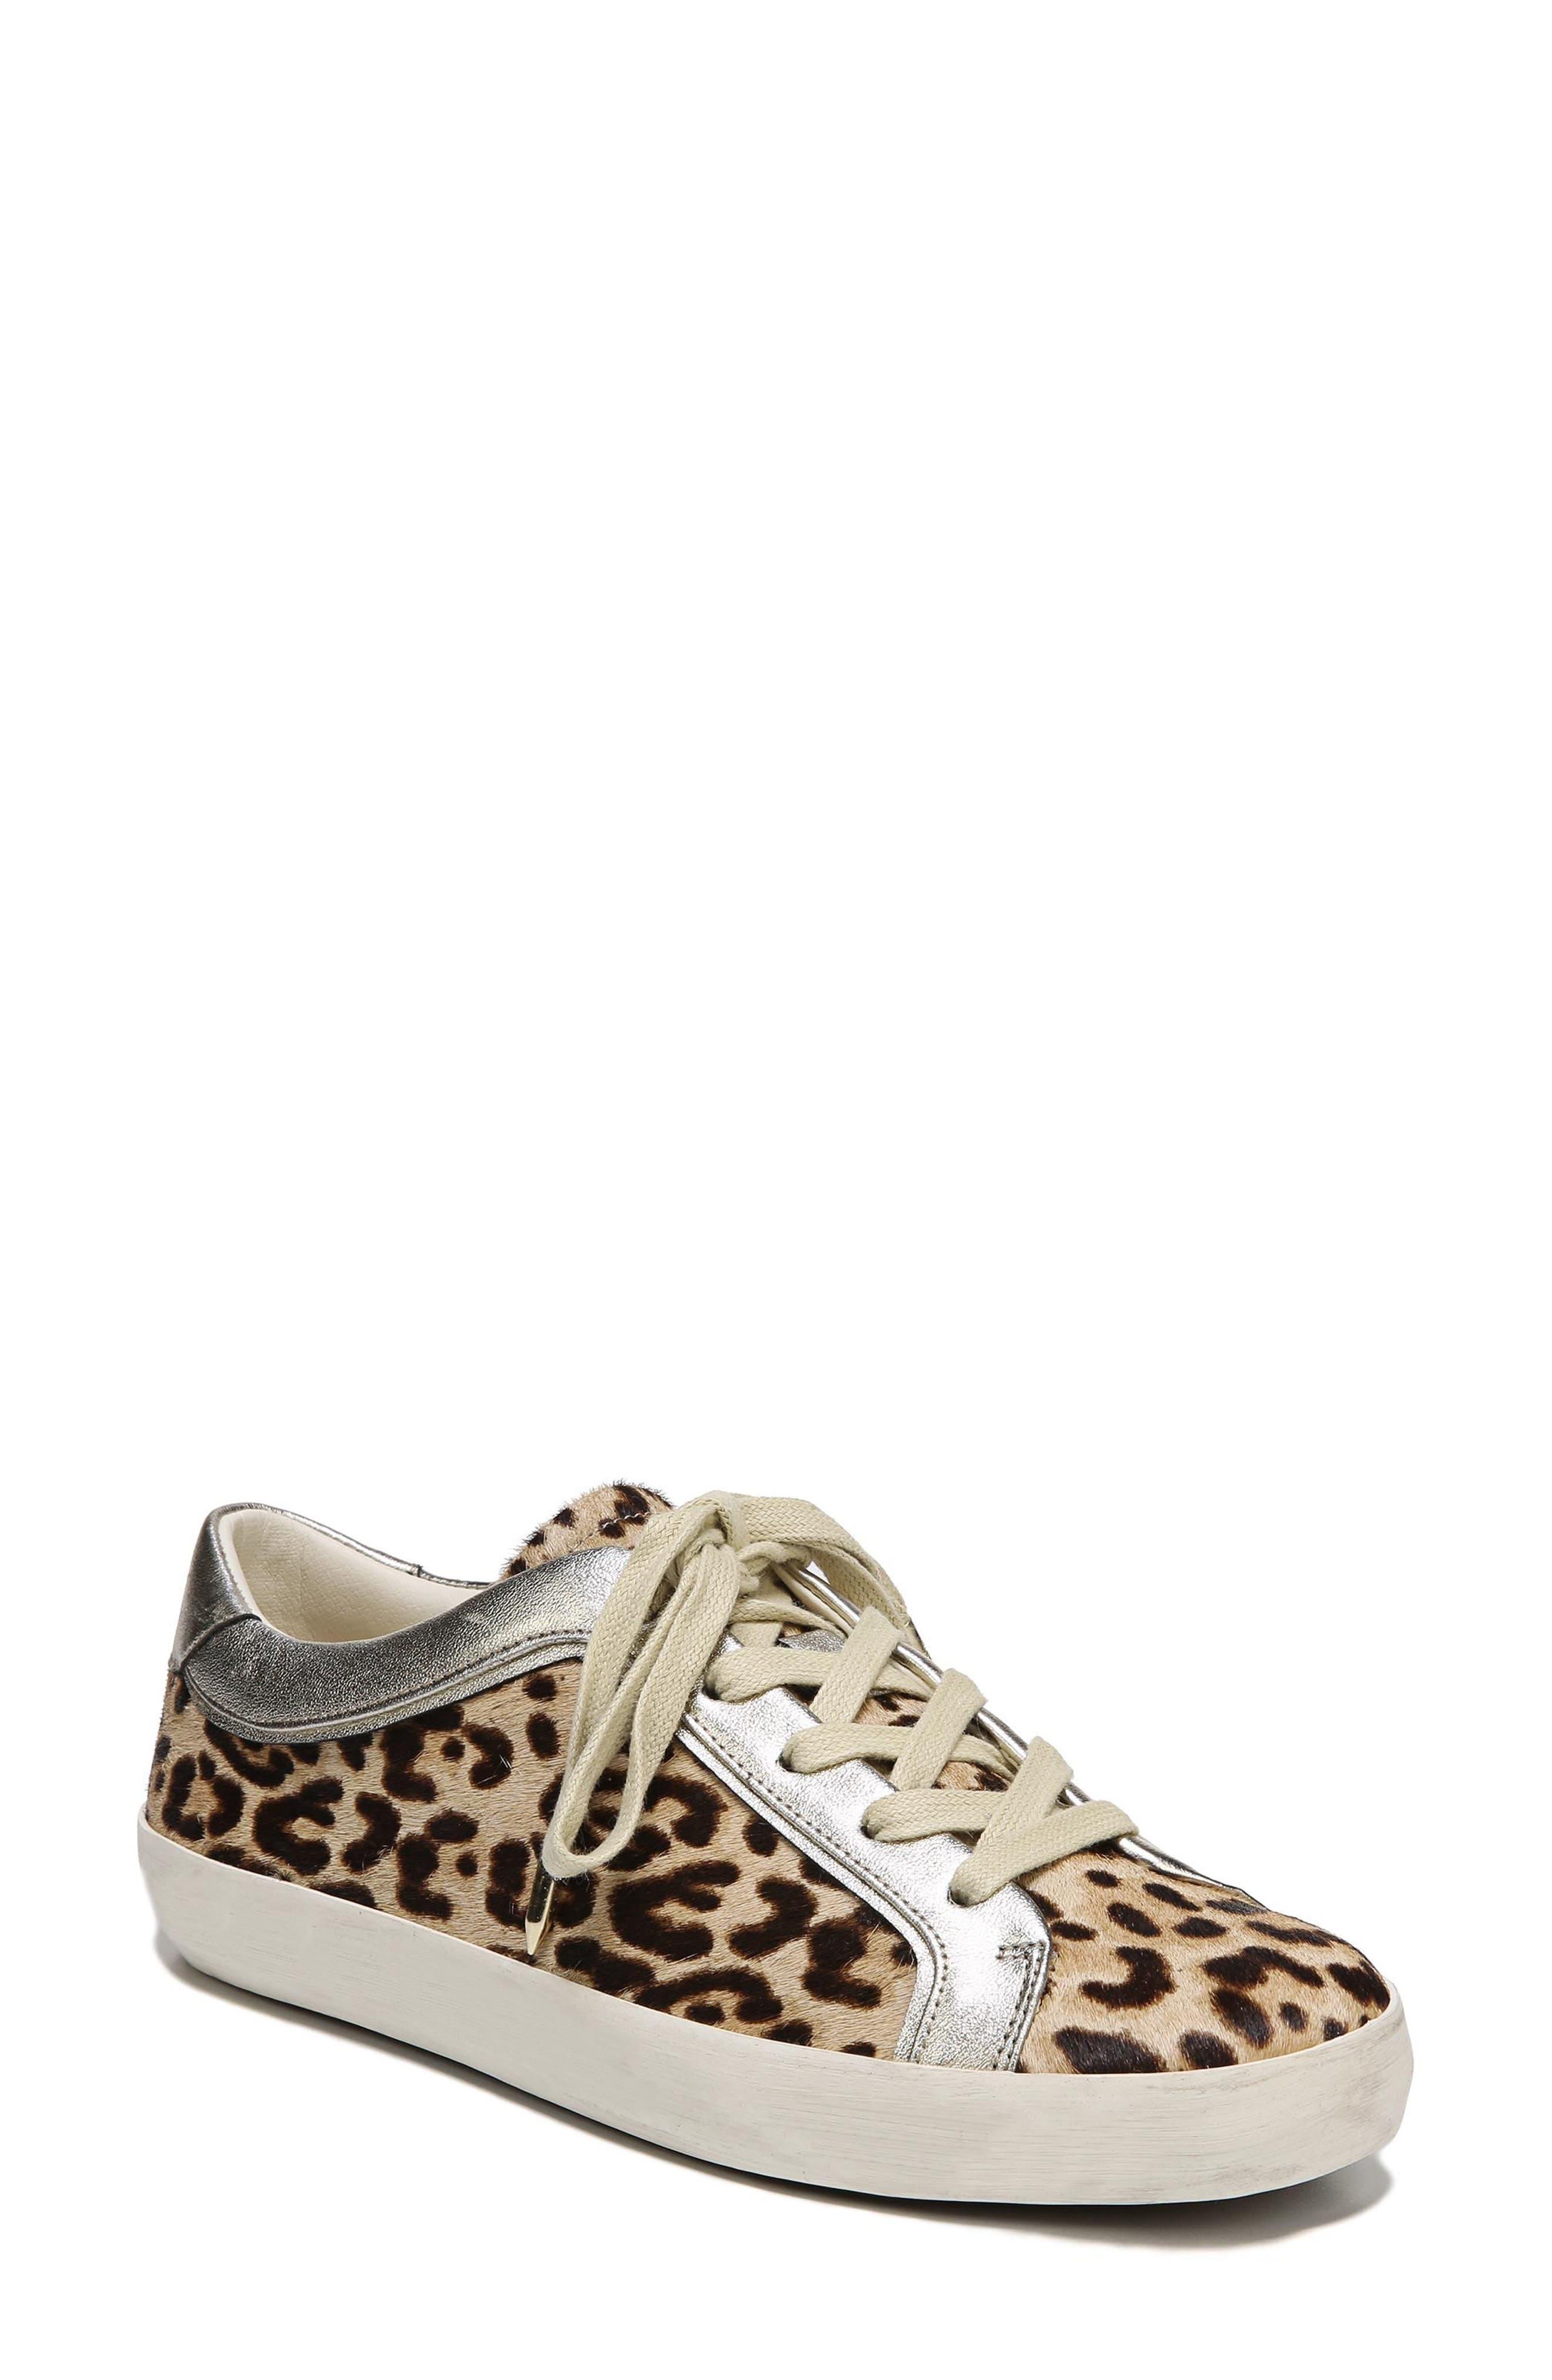 Britton 2 Sneaker,                         Main,                         color, Leopard Brahma Hair